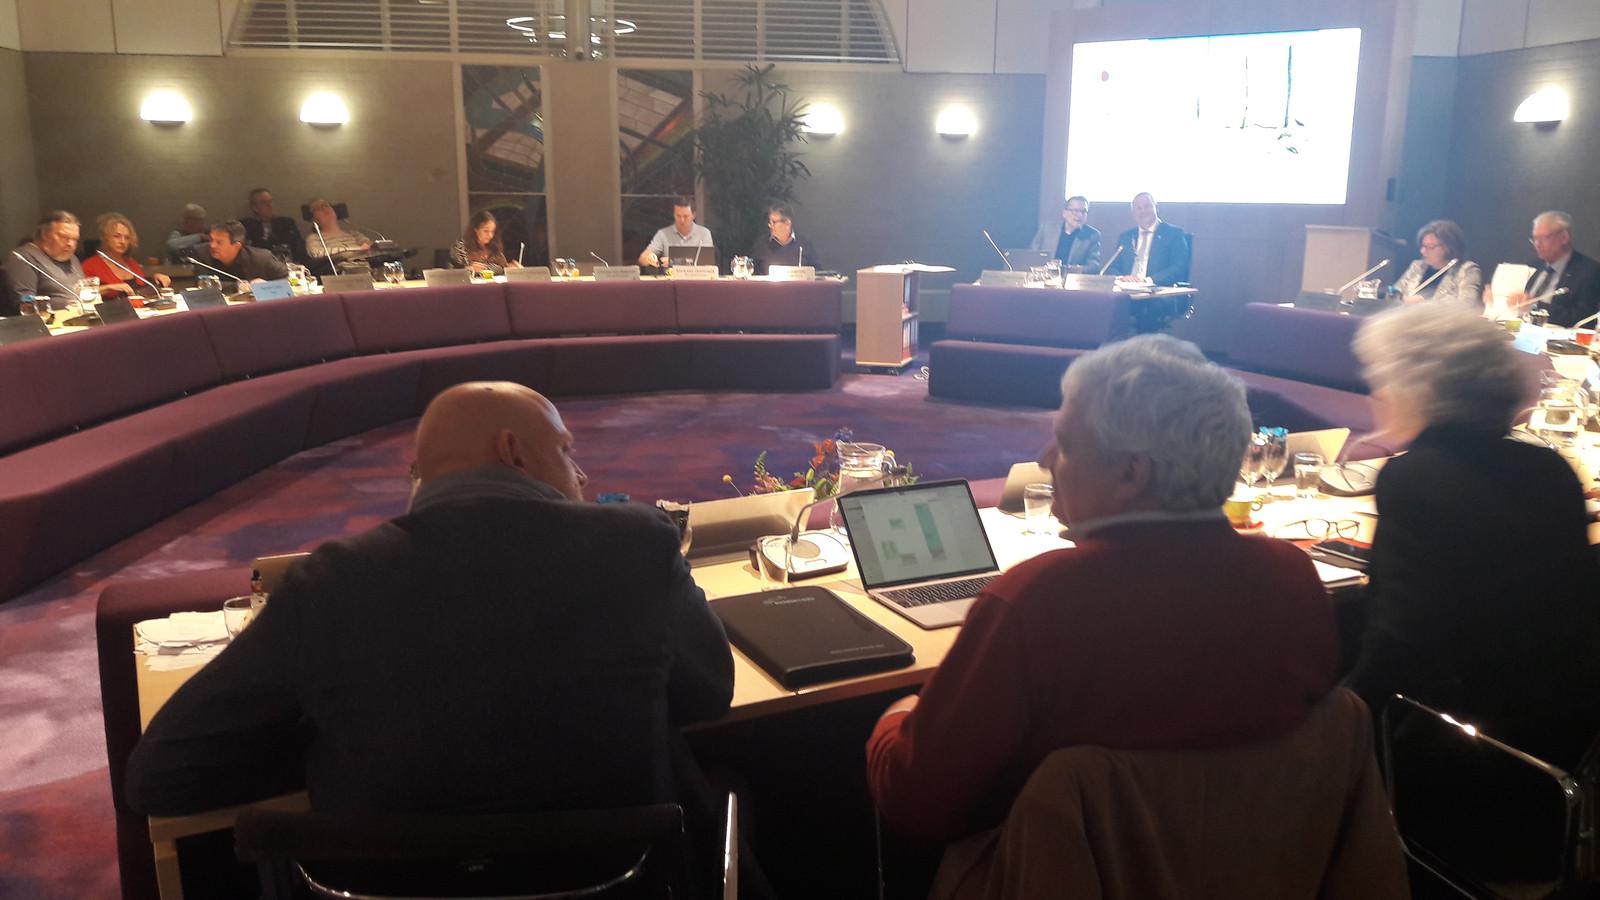 De laatste gemeenteraad in Goirle voor de verkiezingen.